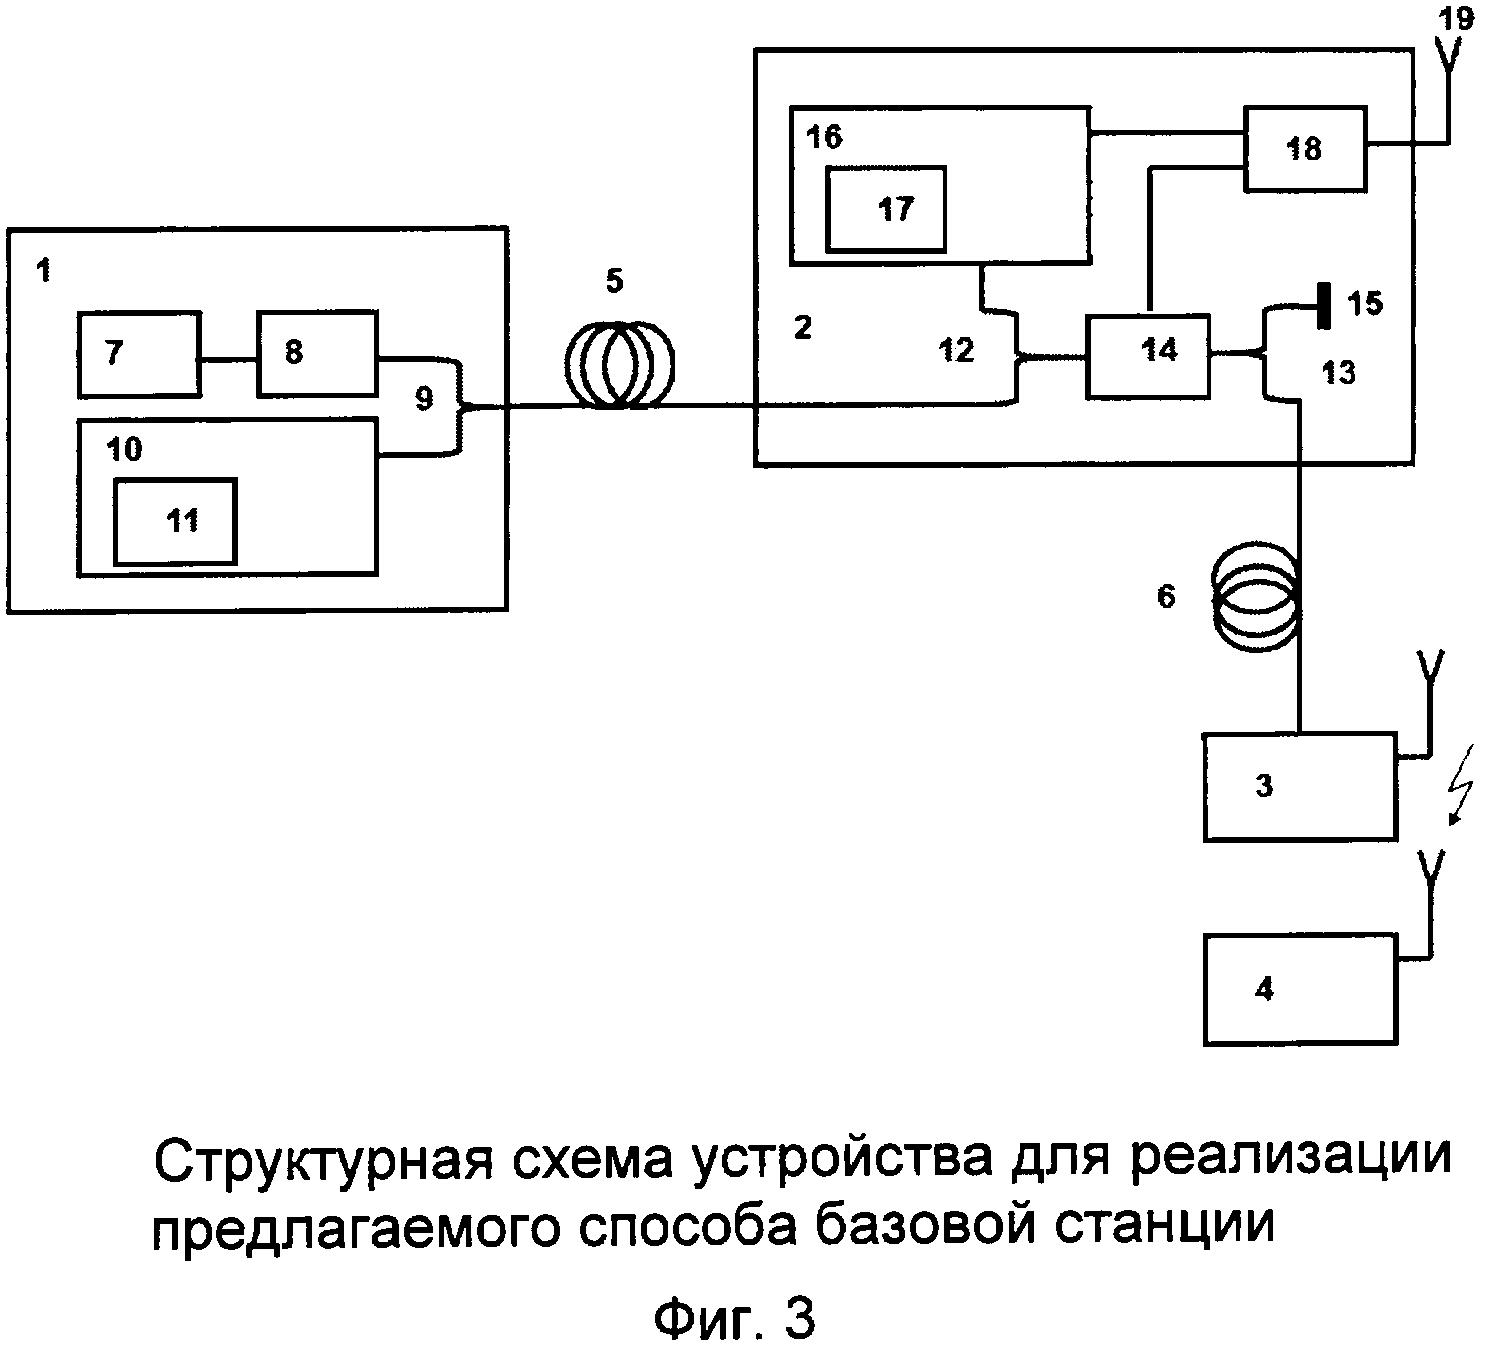 Способ построения базовой станции волоконно-эфирной телекоммуникационной системы сети мобильной радиосвязи